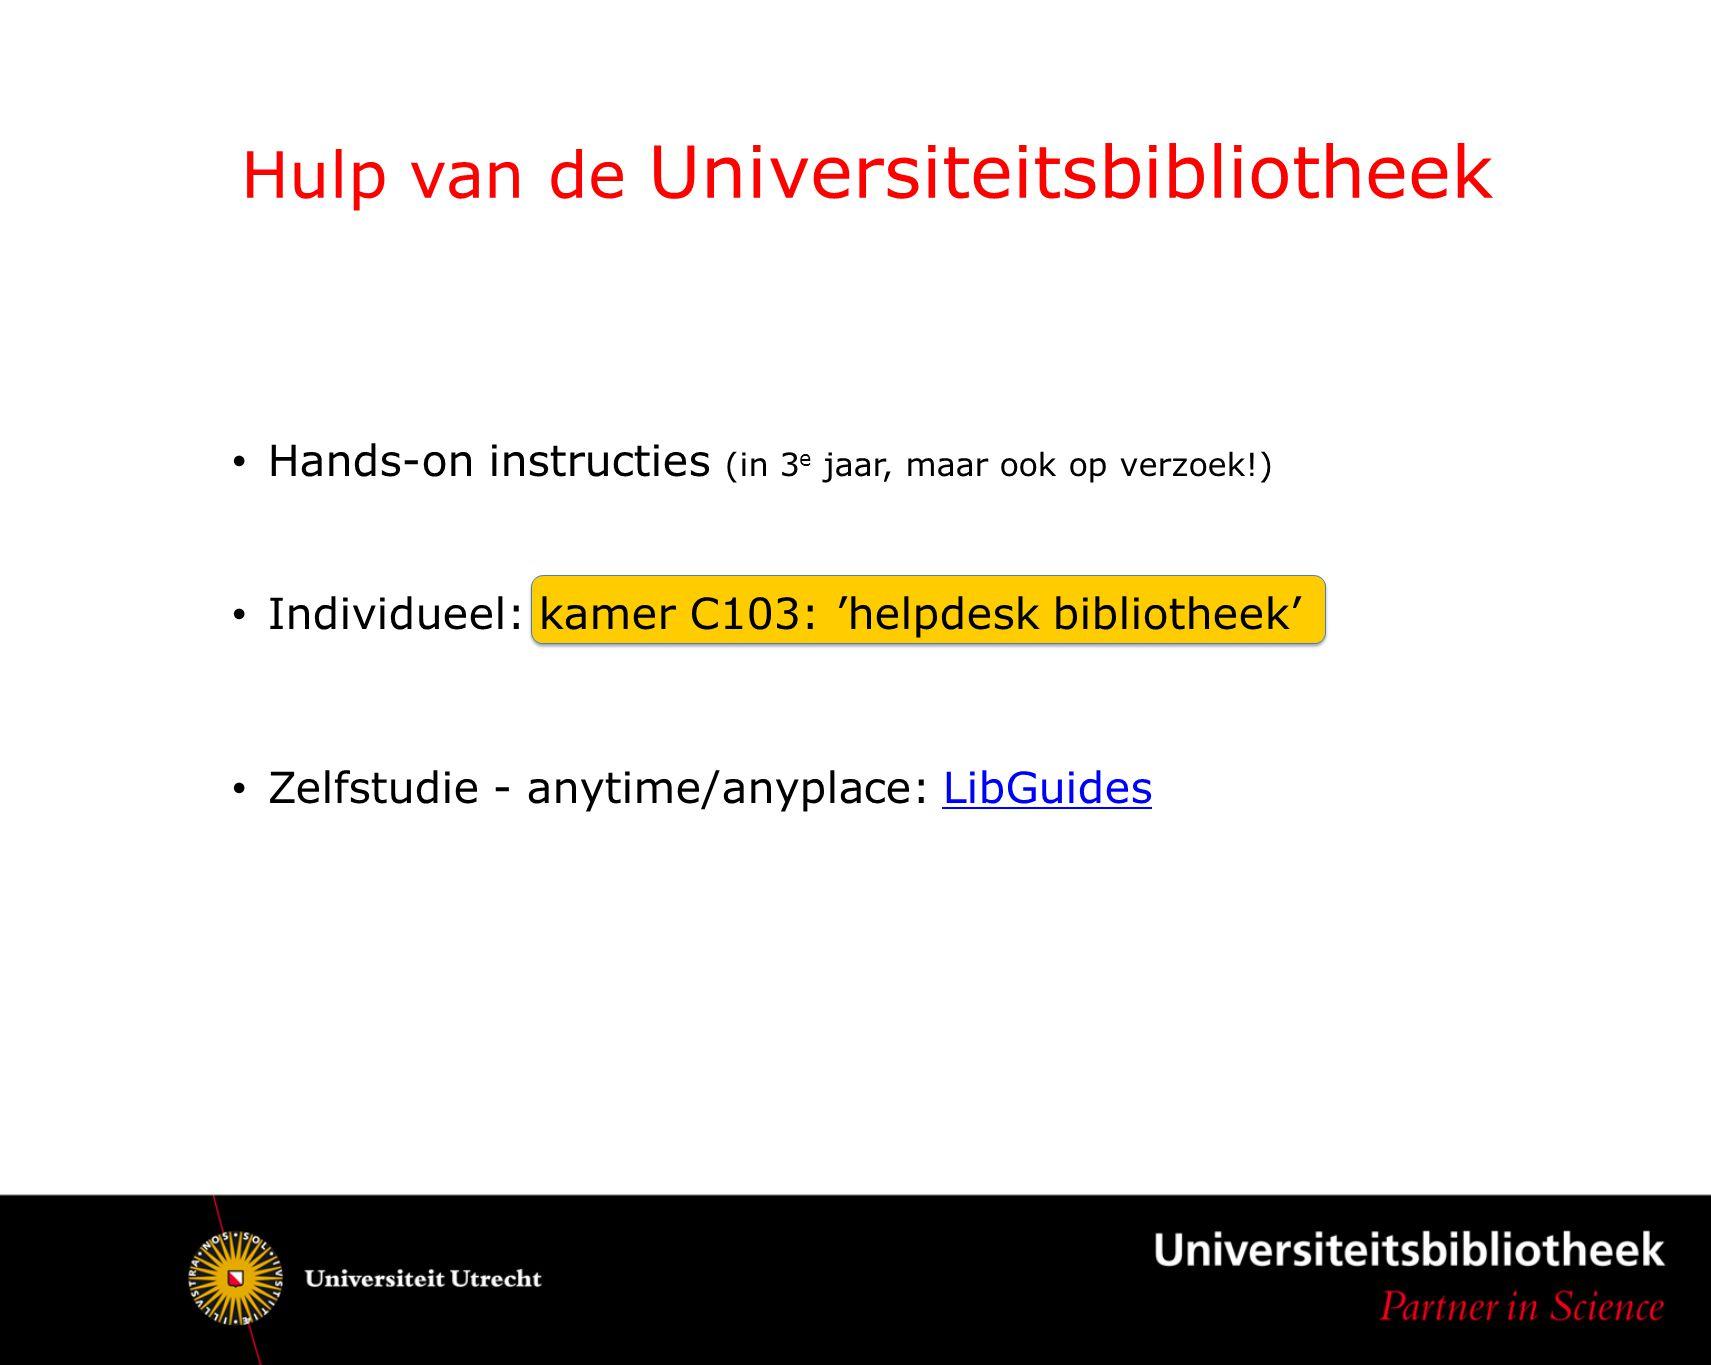 Hulp van de Universiteitsbibliotheek